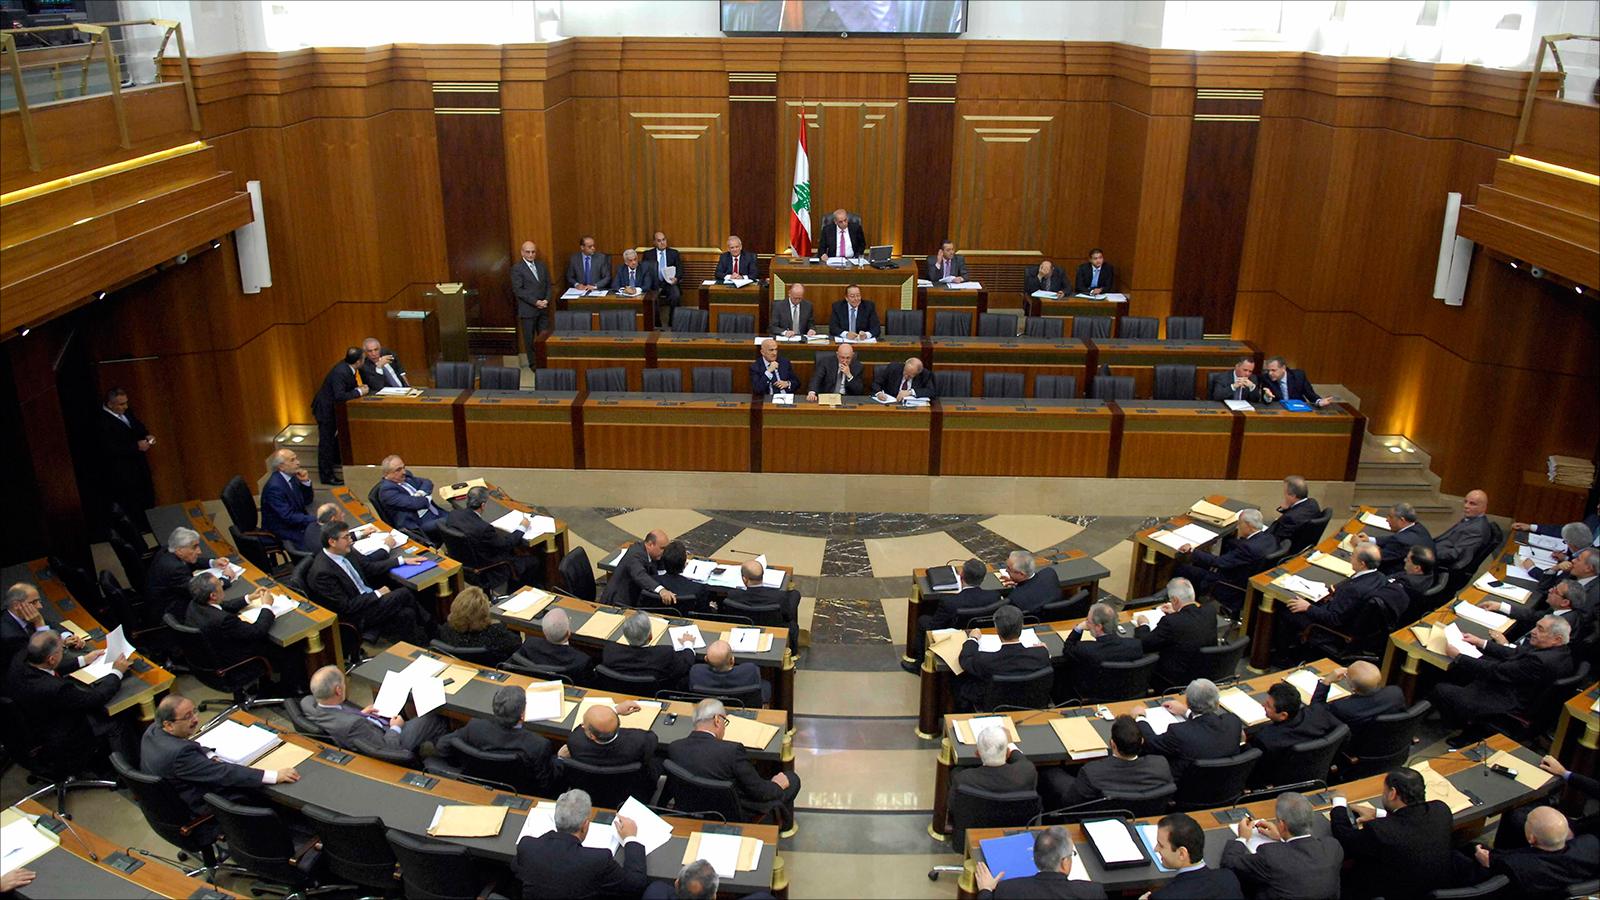 برلمان لبنان يوافق على أول ميزانية عامة للبلاد منذ 12 عاما